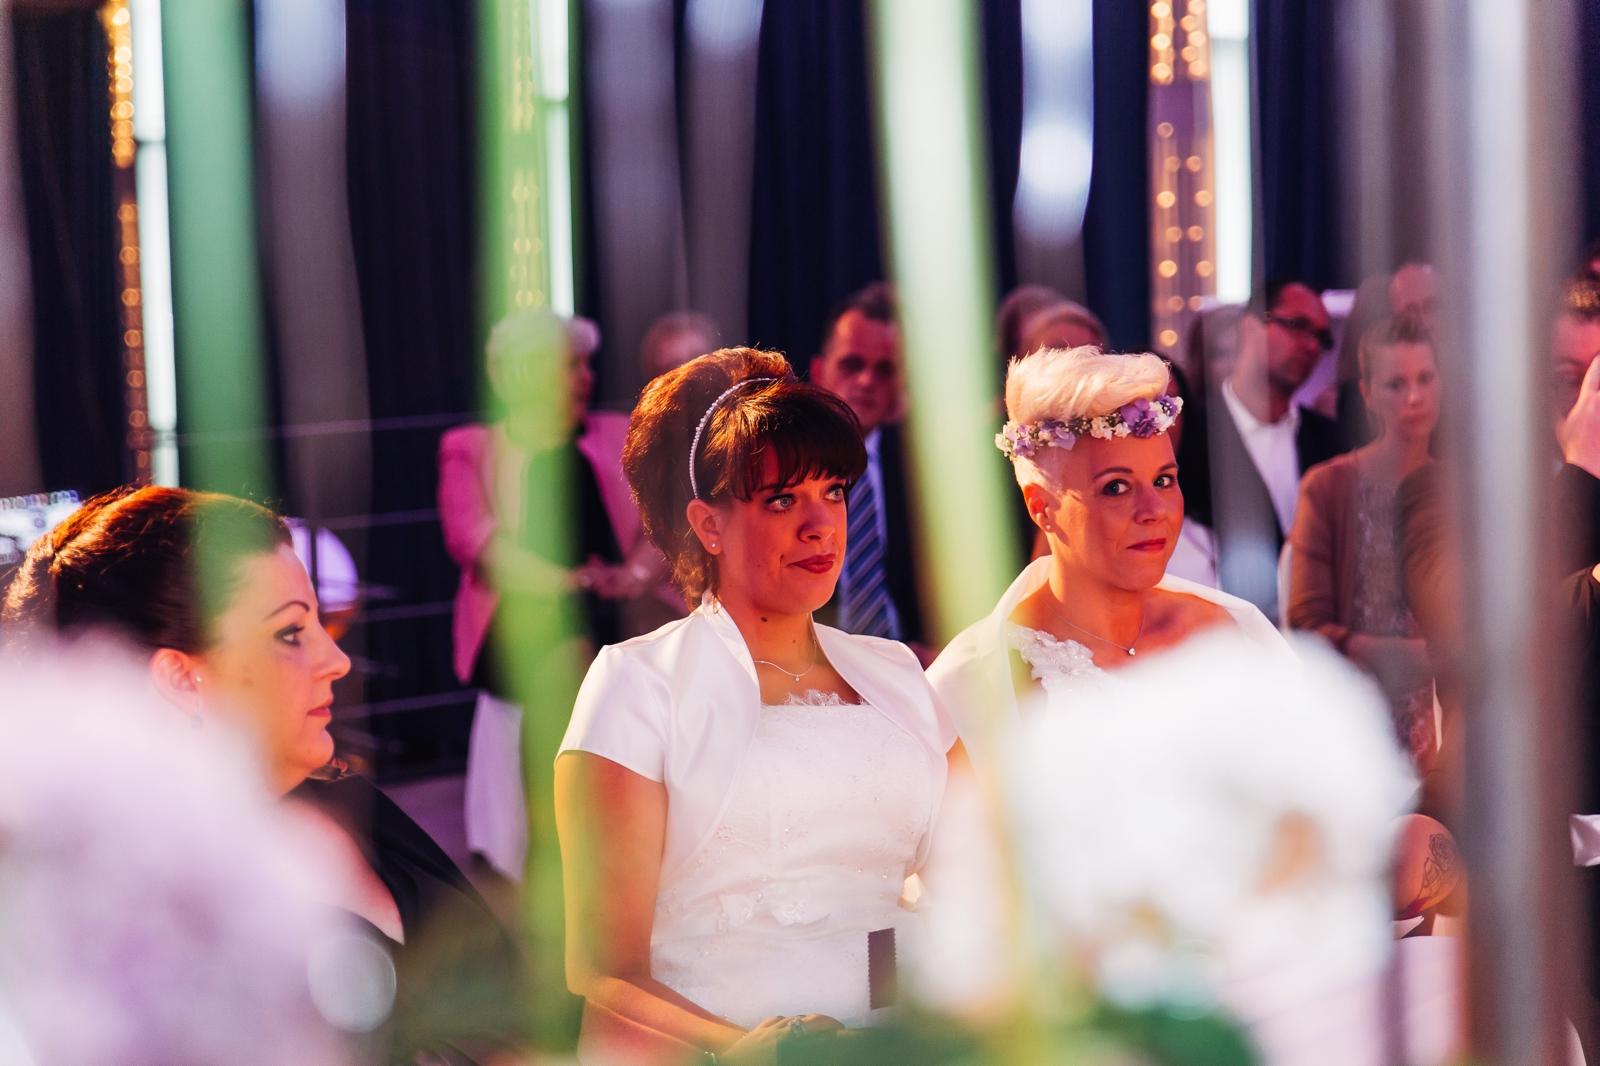 Monstergraphie_Hochzeitsreportage_Essen_Zeche_Zollverein20.jpg?fit=1600%2C1066